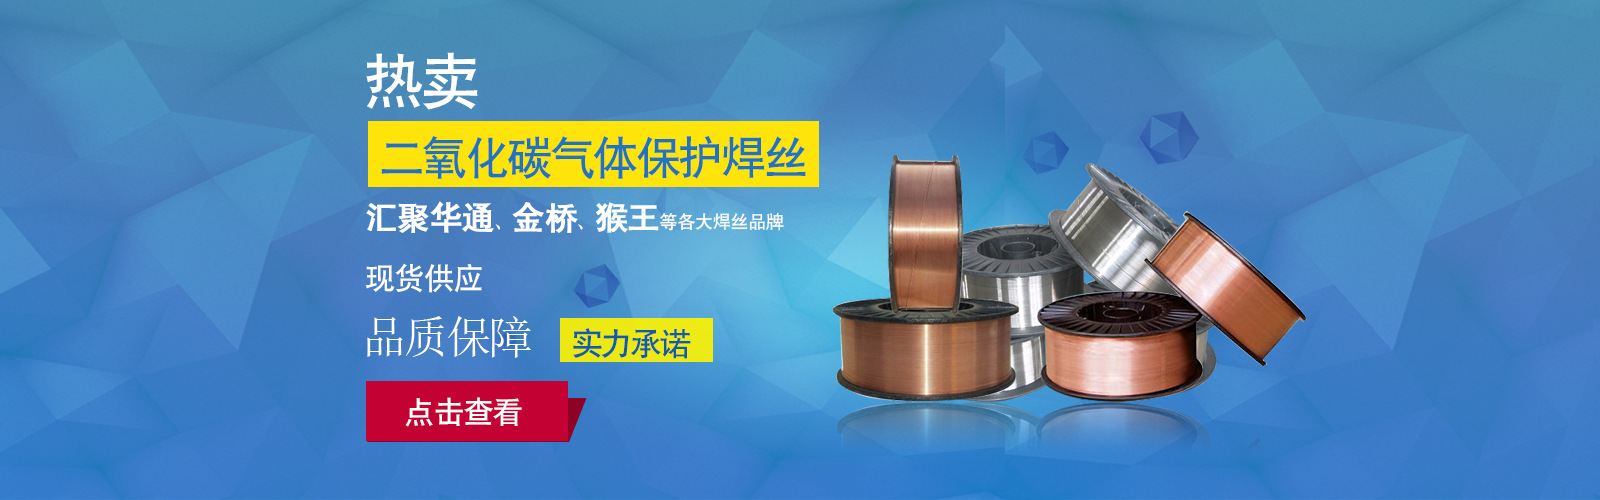 厂家现货批发 华通HTW-50二氧化碳气体保护焊丝 熔化极二保